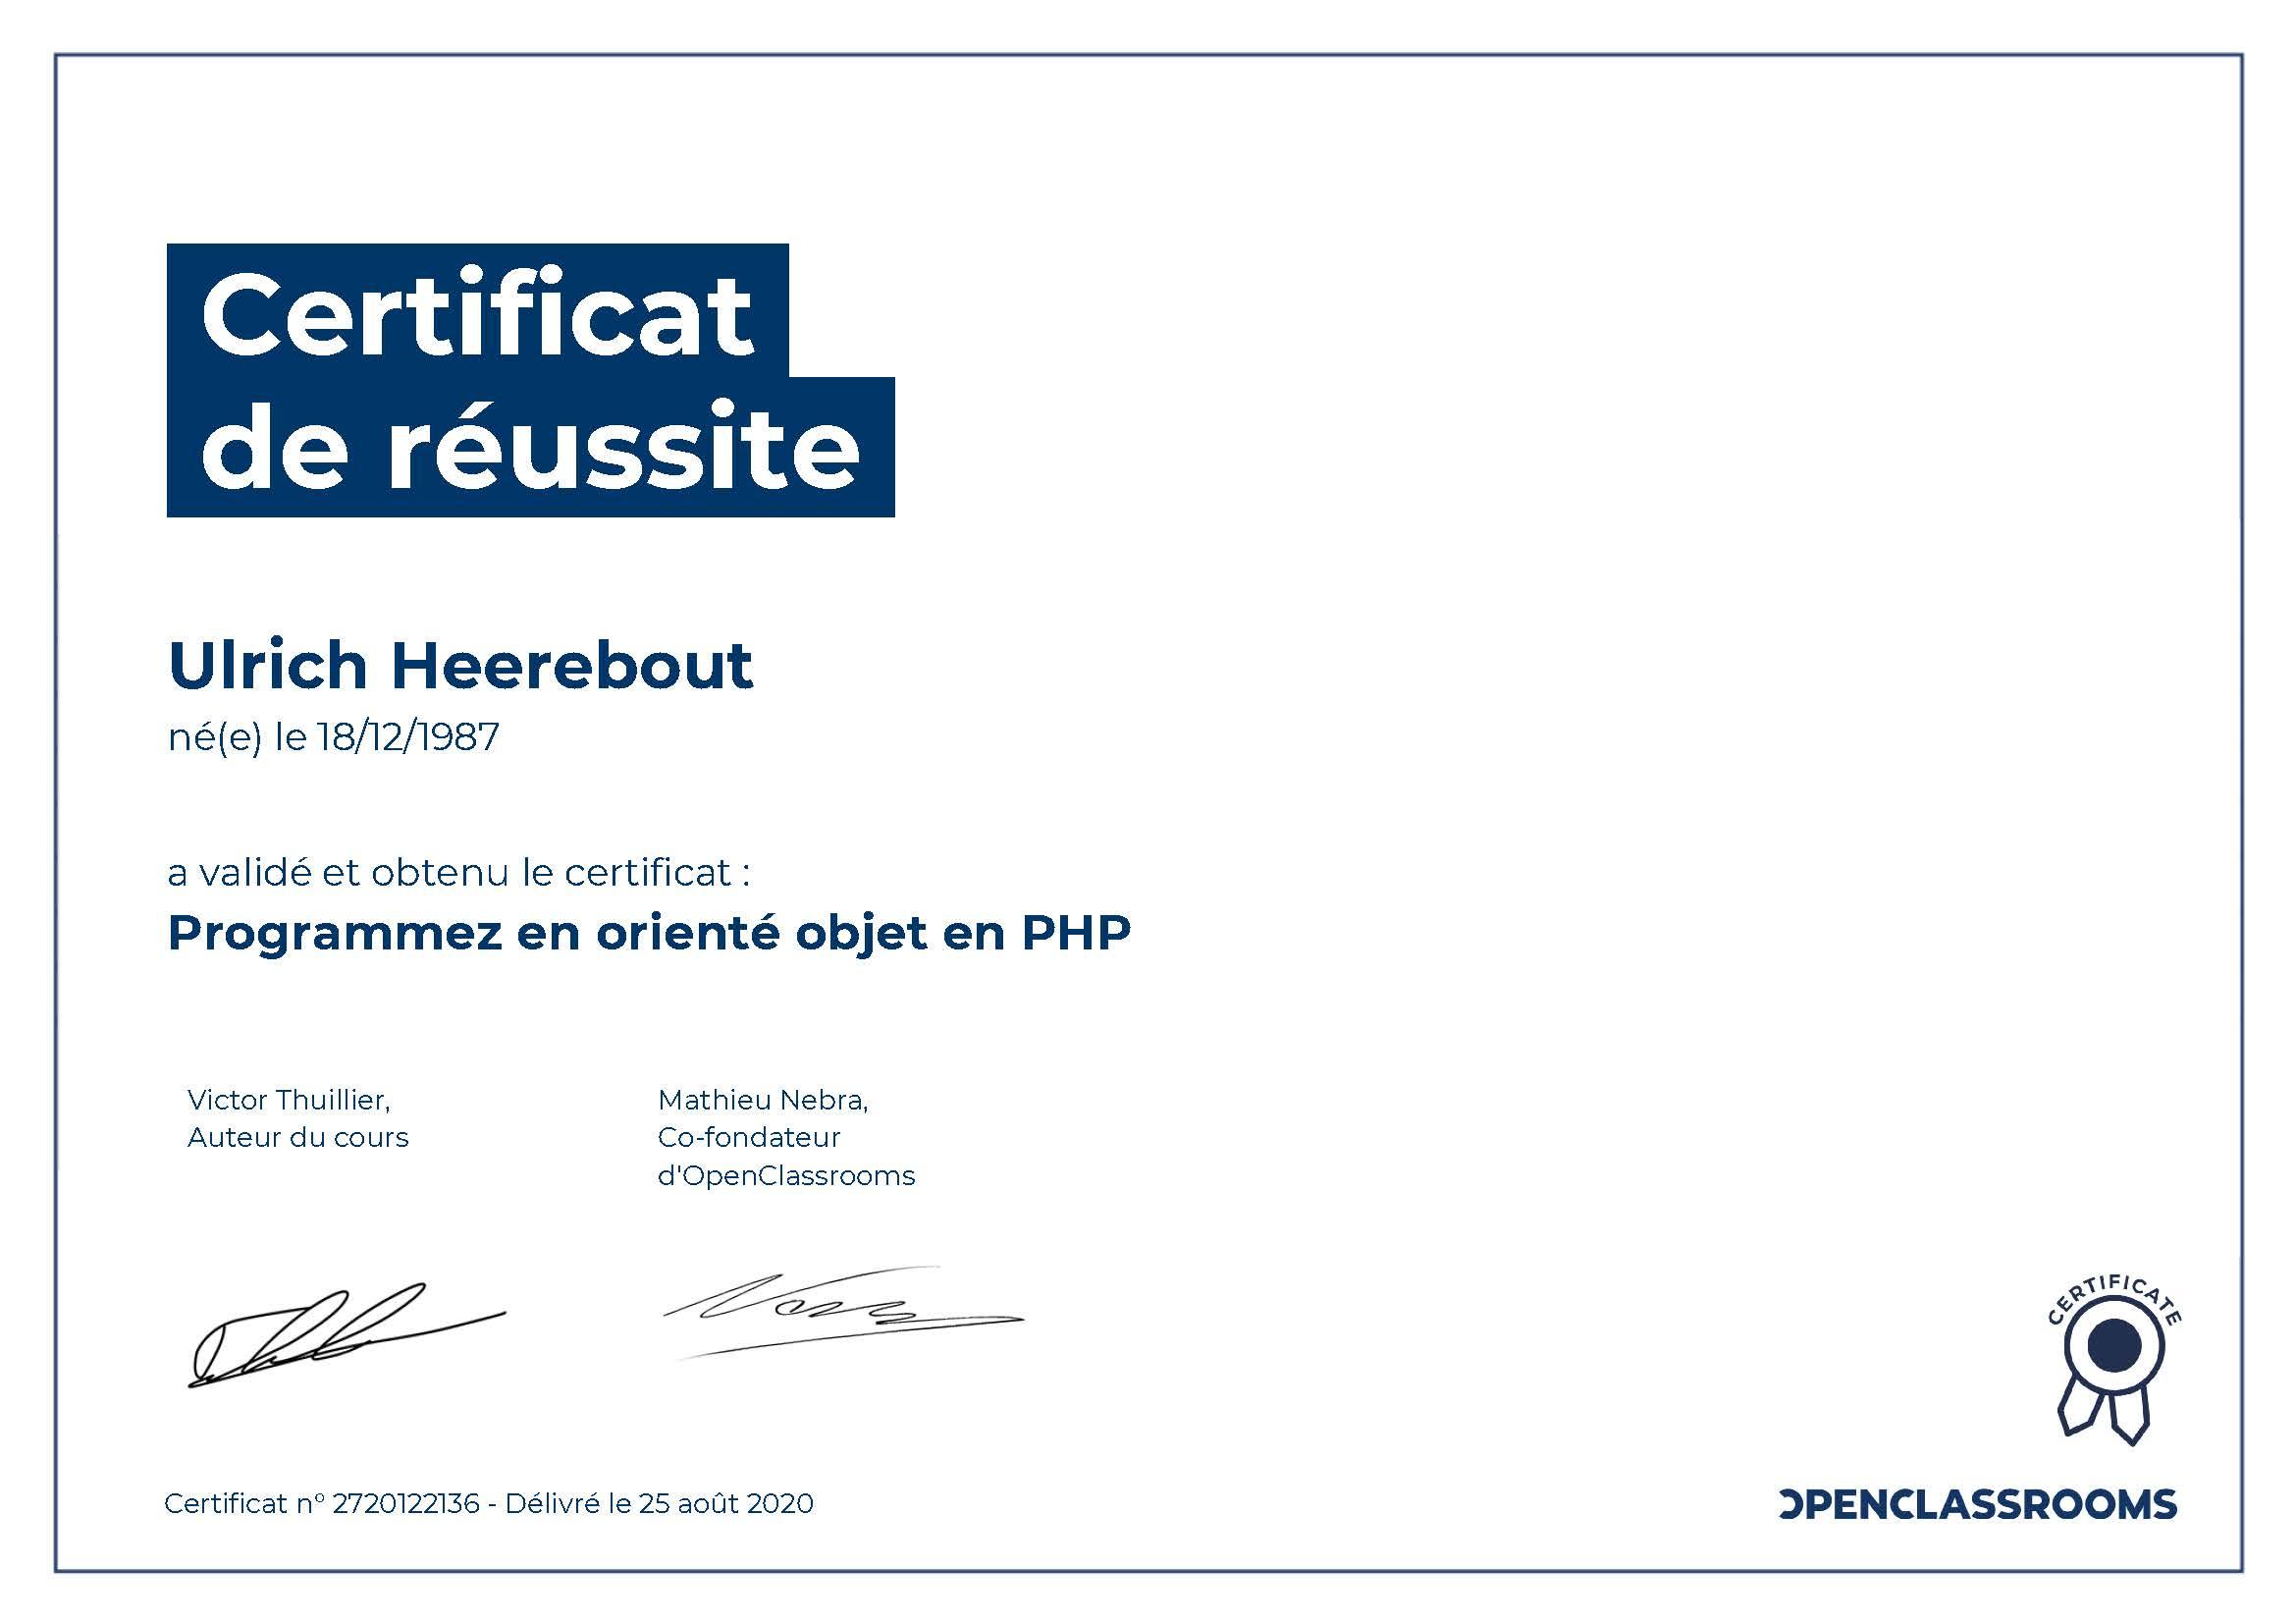 Certification : Programmez en orienté objet en PHP